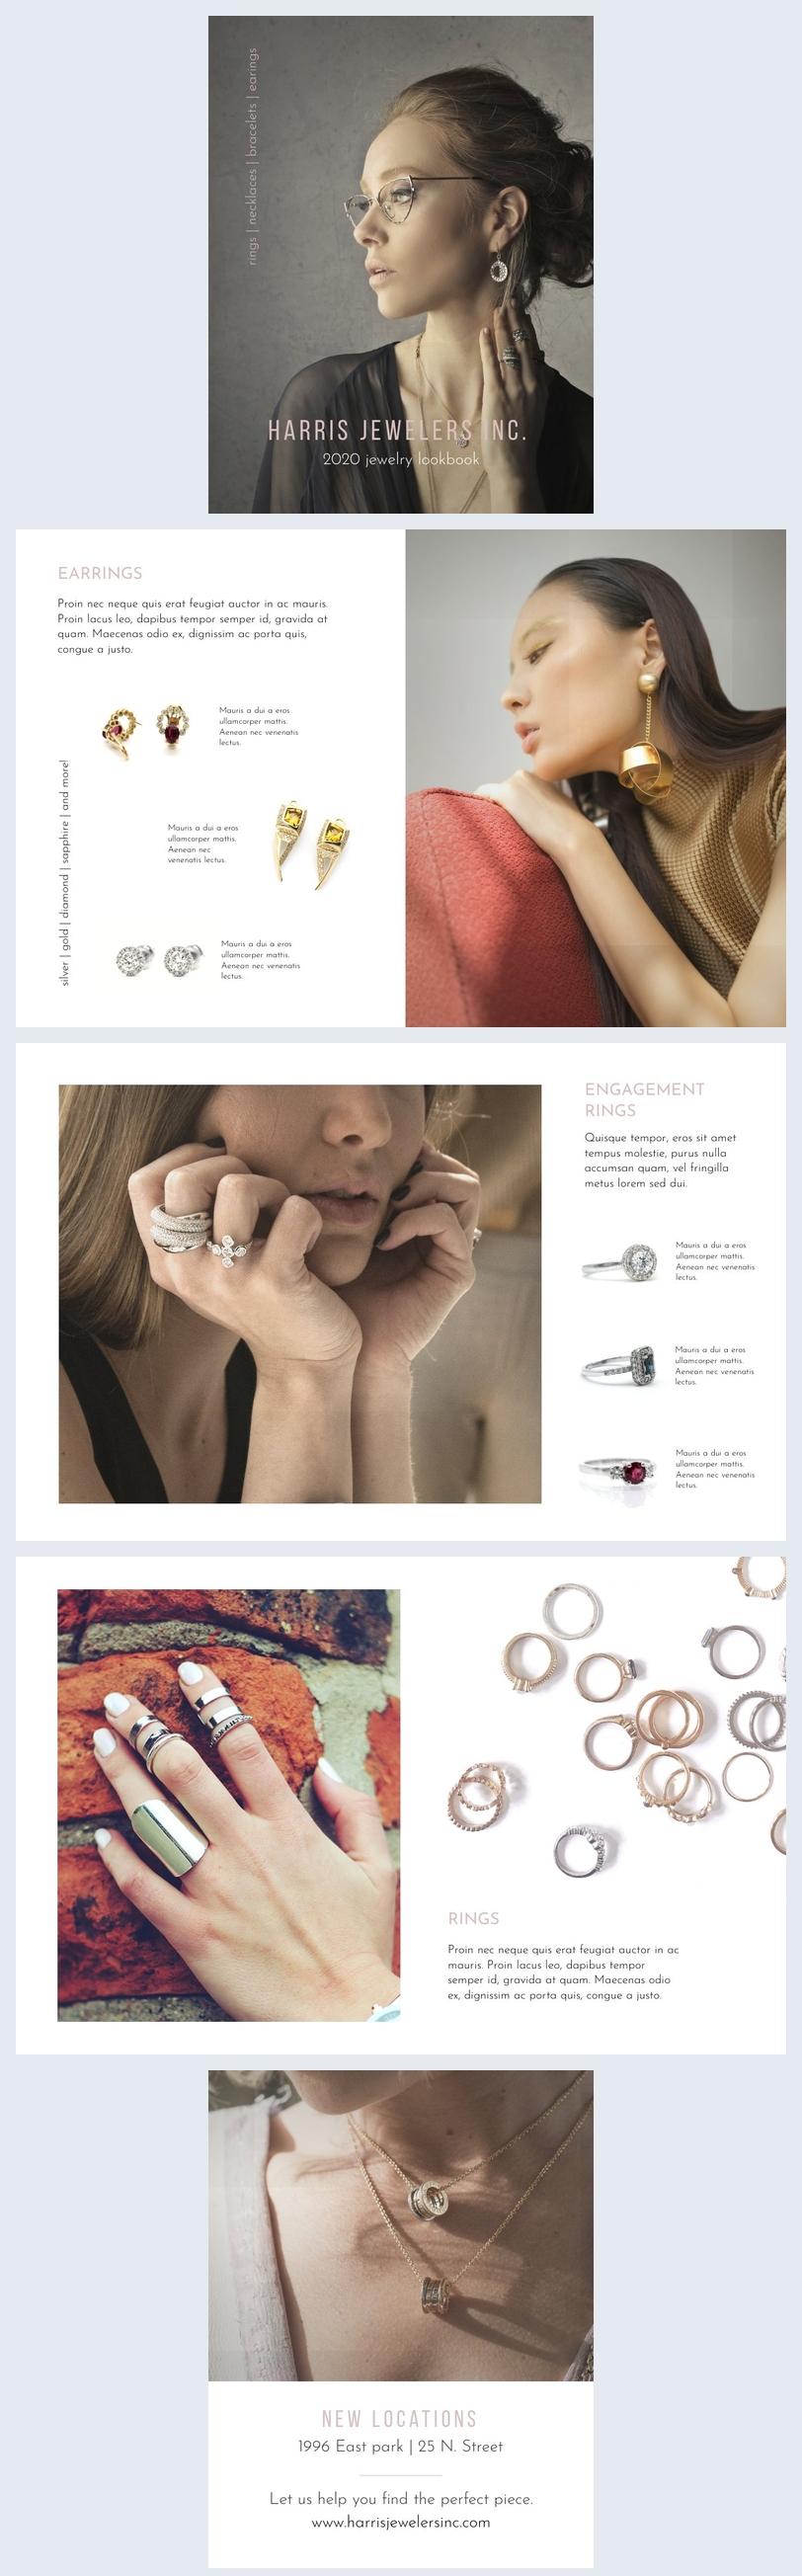 Jewelry Lookbook Design Example